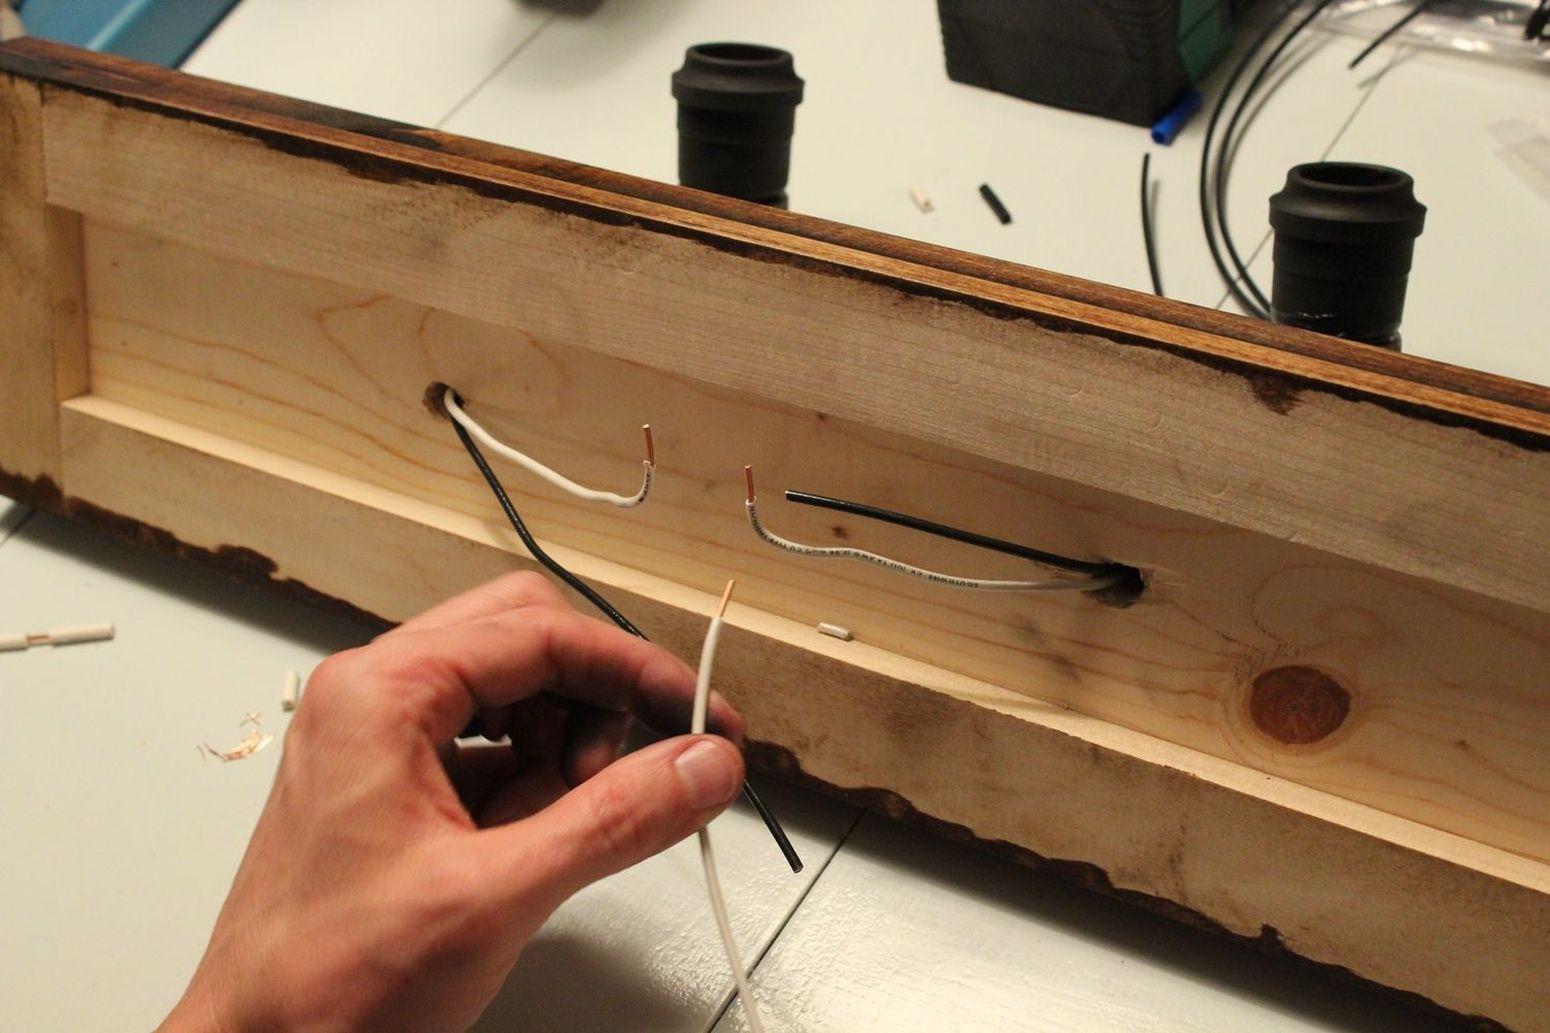 используем параллельную схему подключения проводов